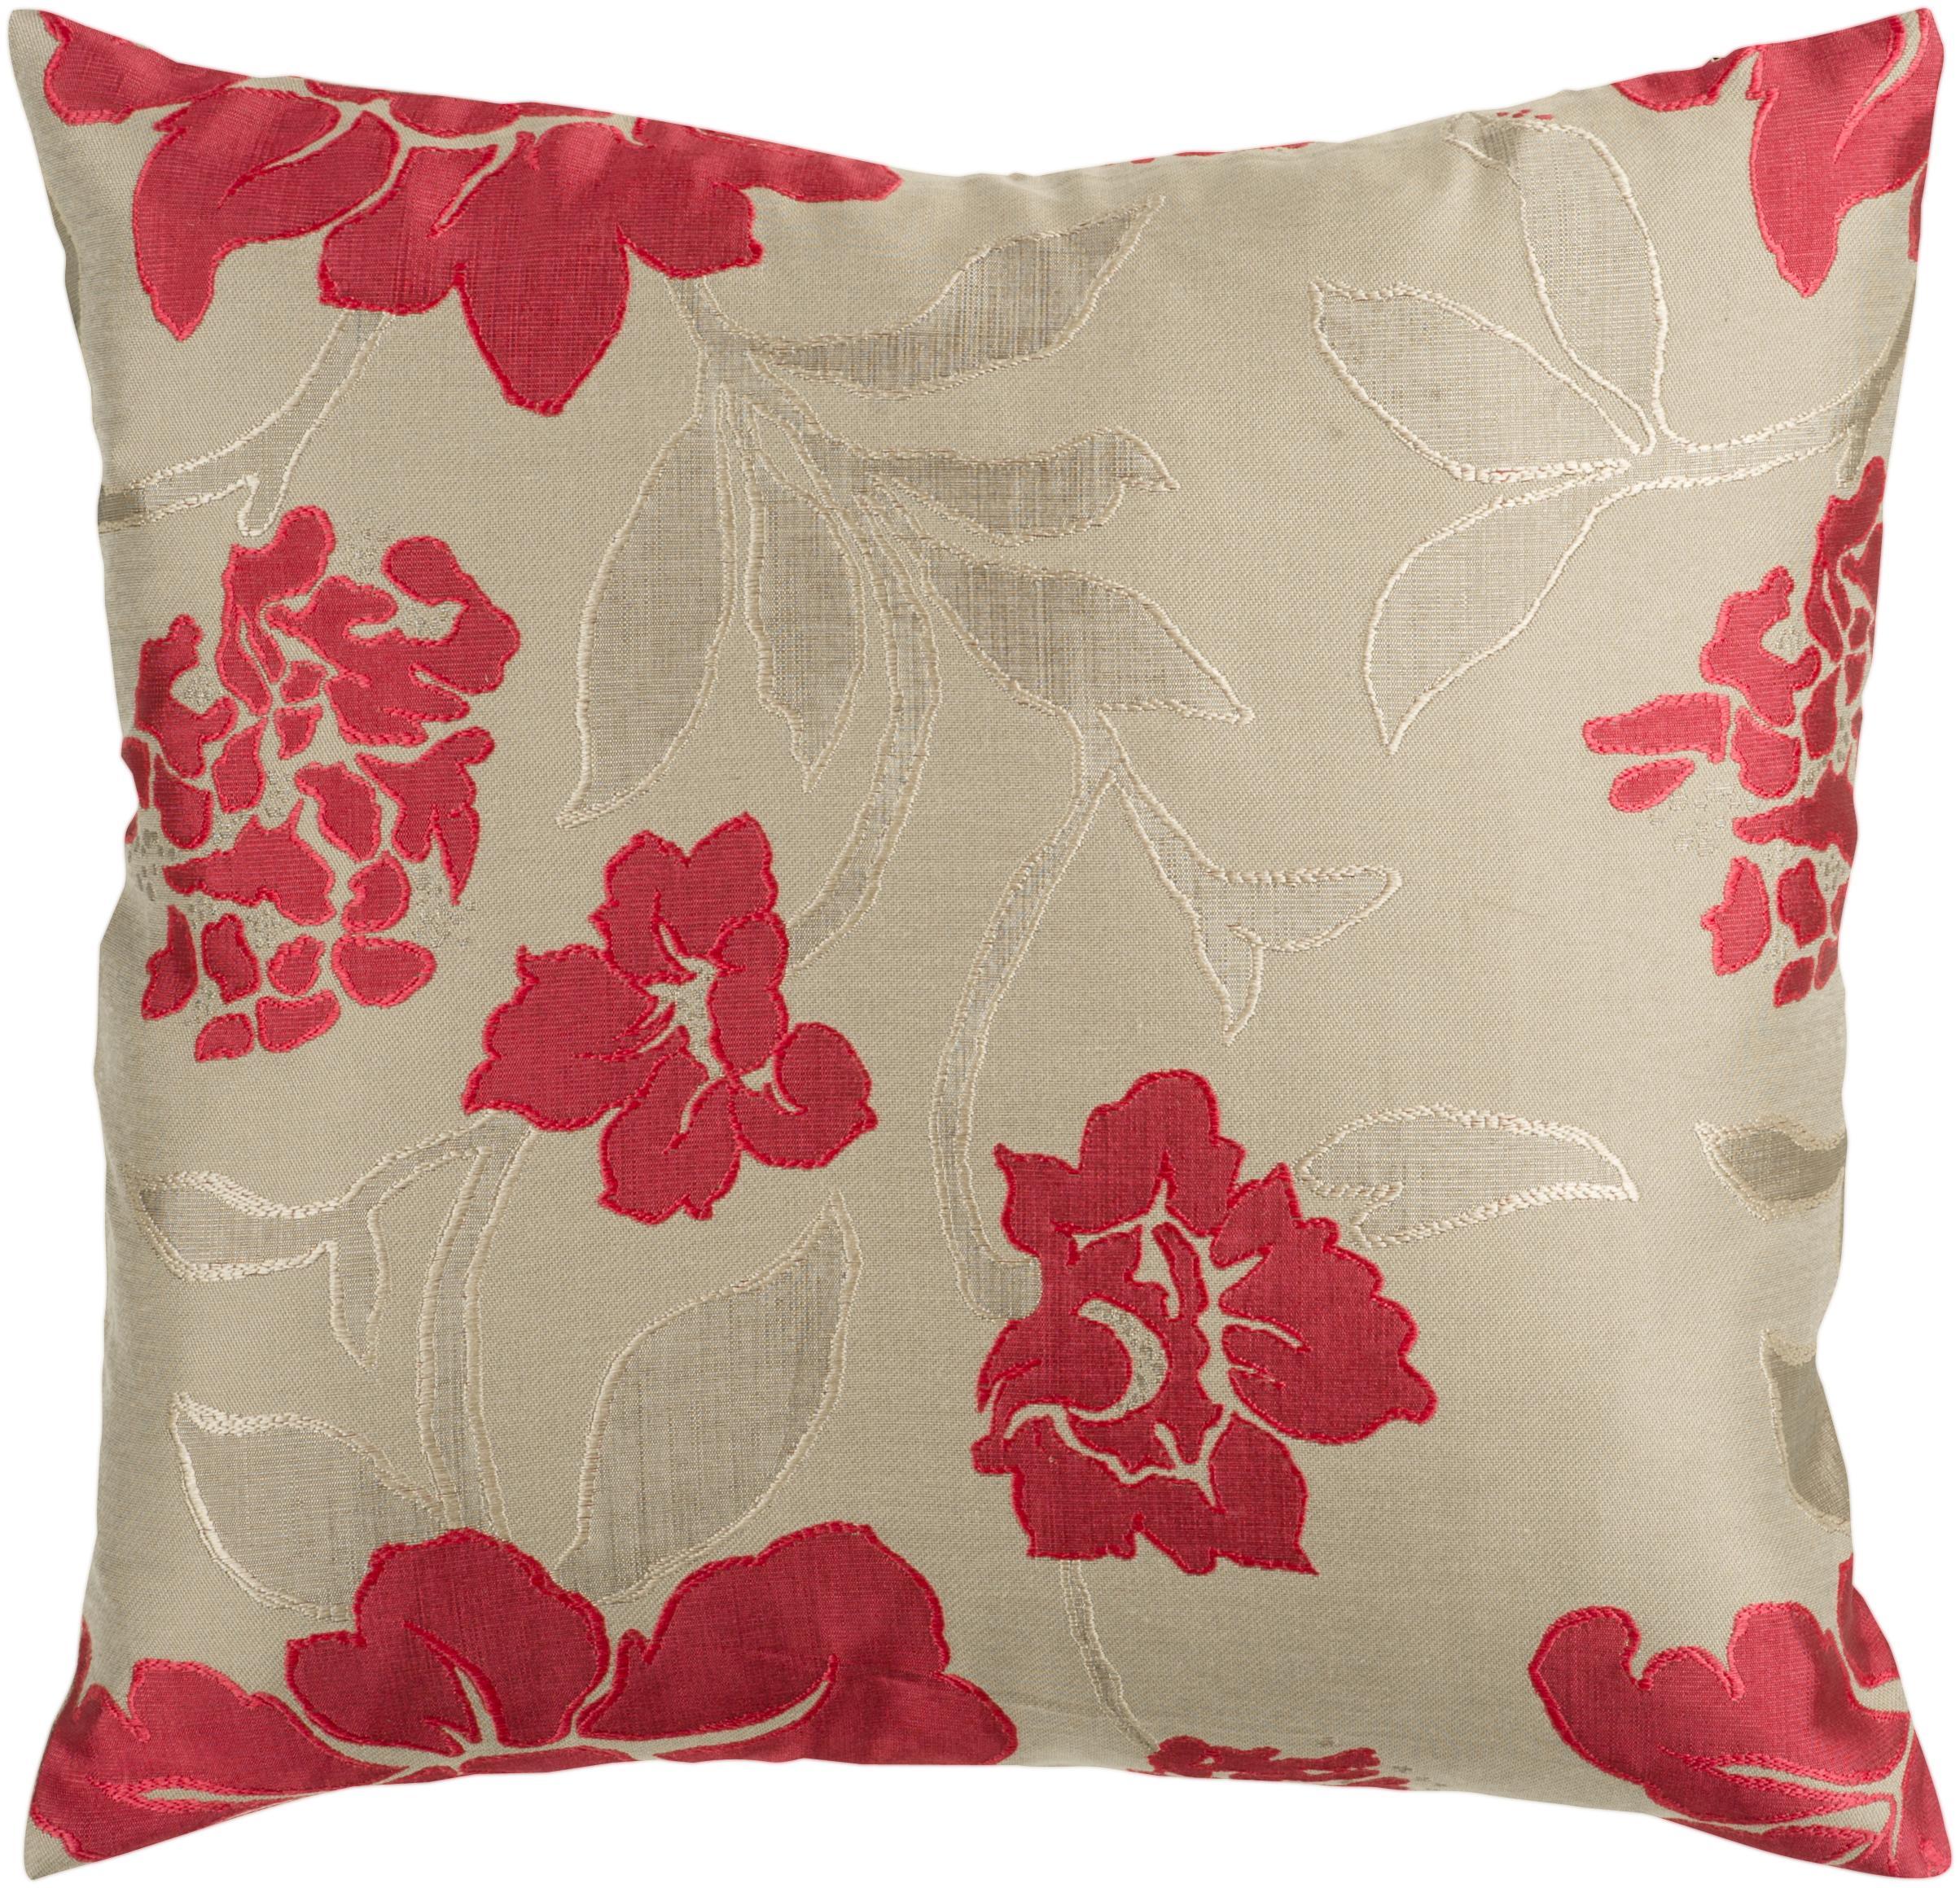 """Surya Rugs Pillows 22"""" x 22"""" Pillow - Item Number: HH047-2222P"""